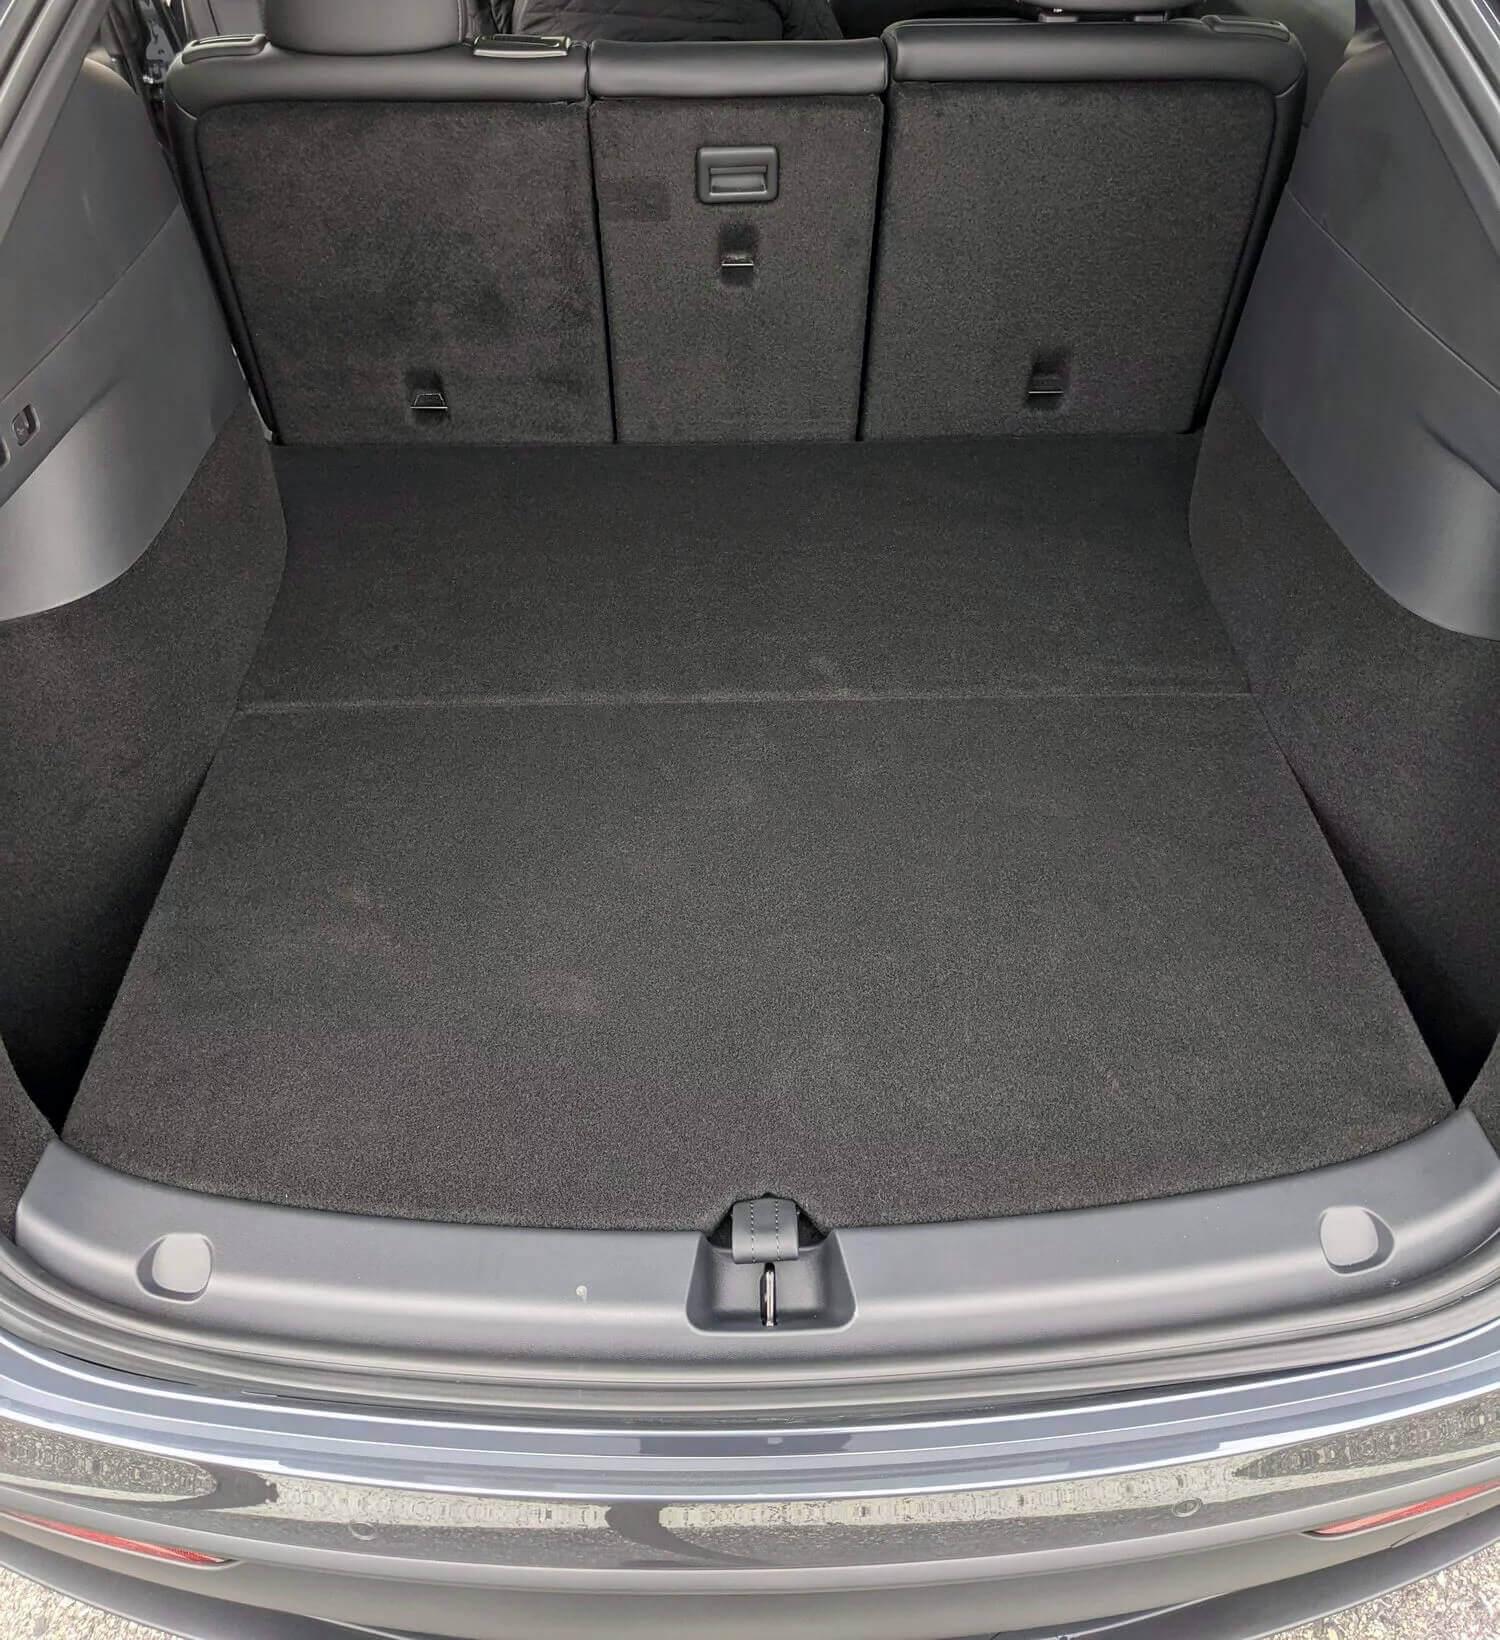 Сложенные спинки сидений формируют ровный пол с багажником и обеспечивают максимальное пространство в салоне